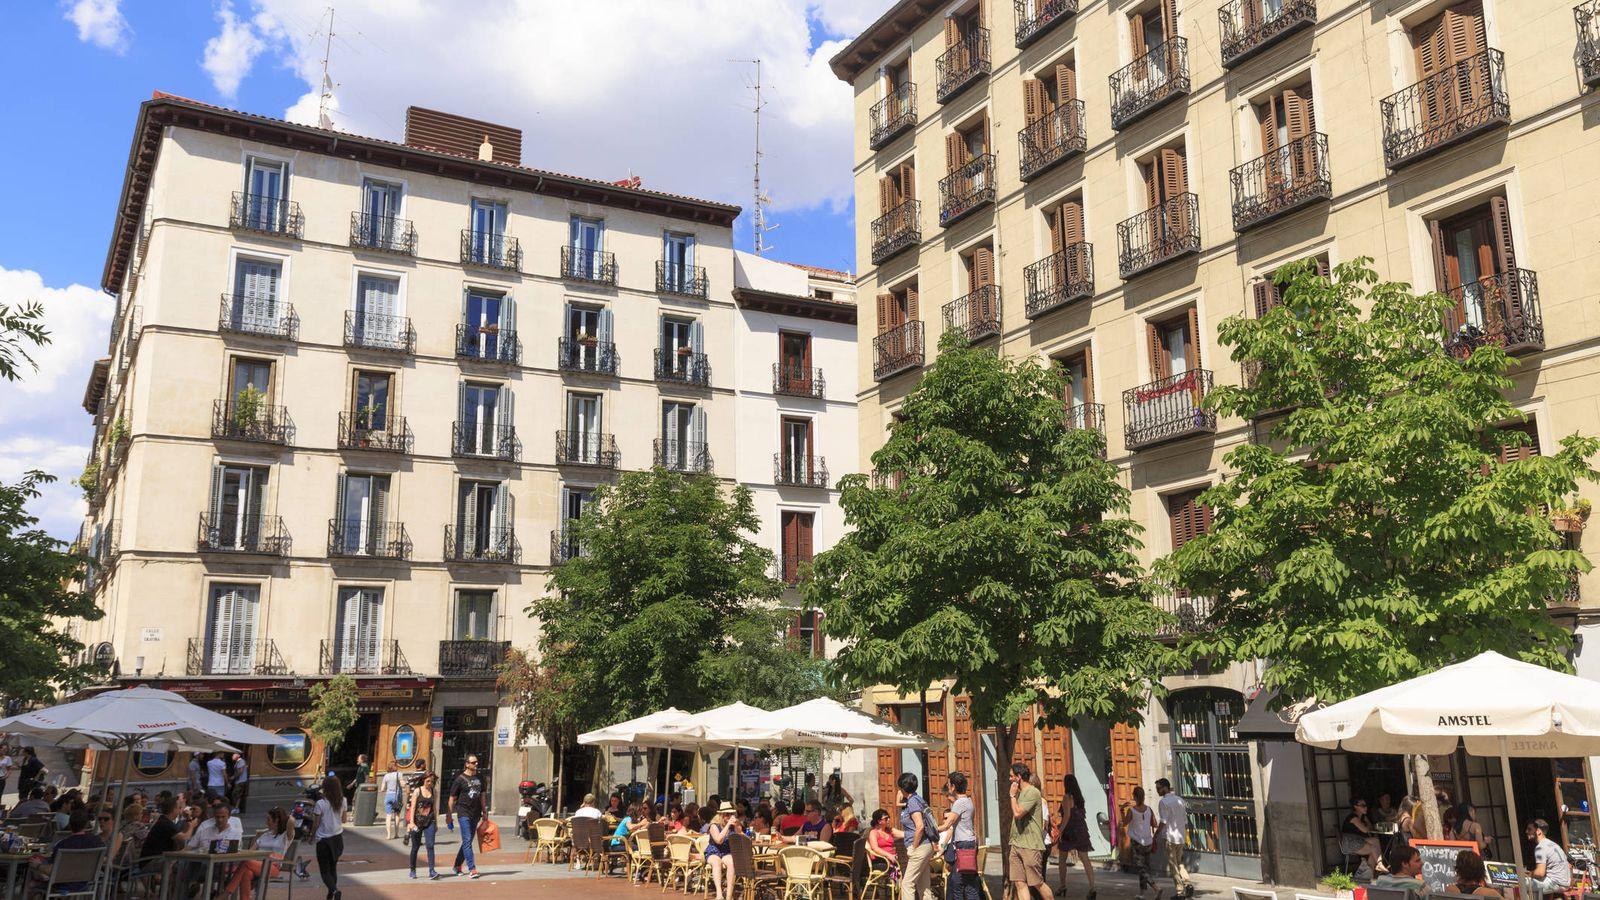 Foto: La plaza que da nombre al barrio. (iStock)